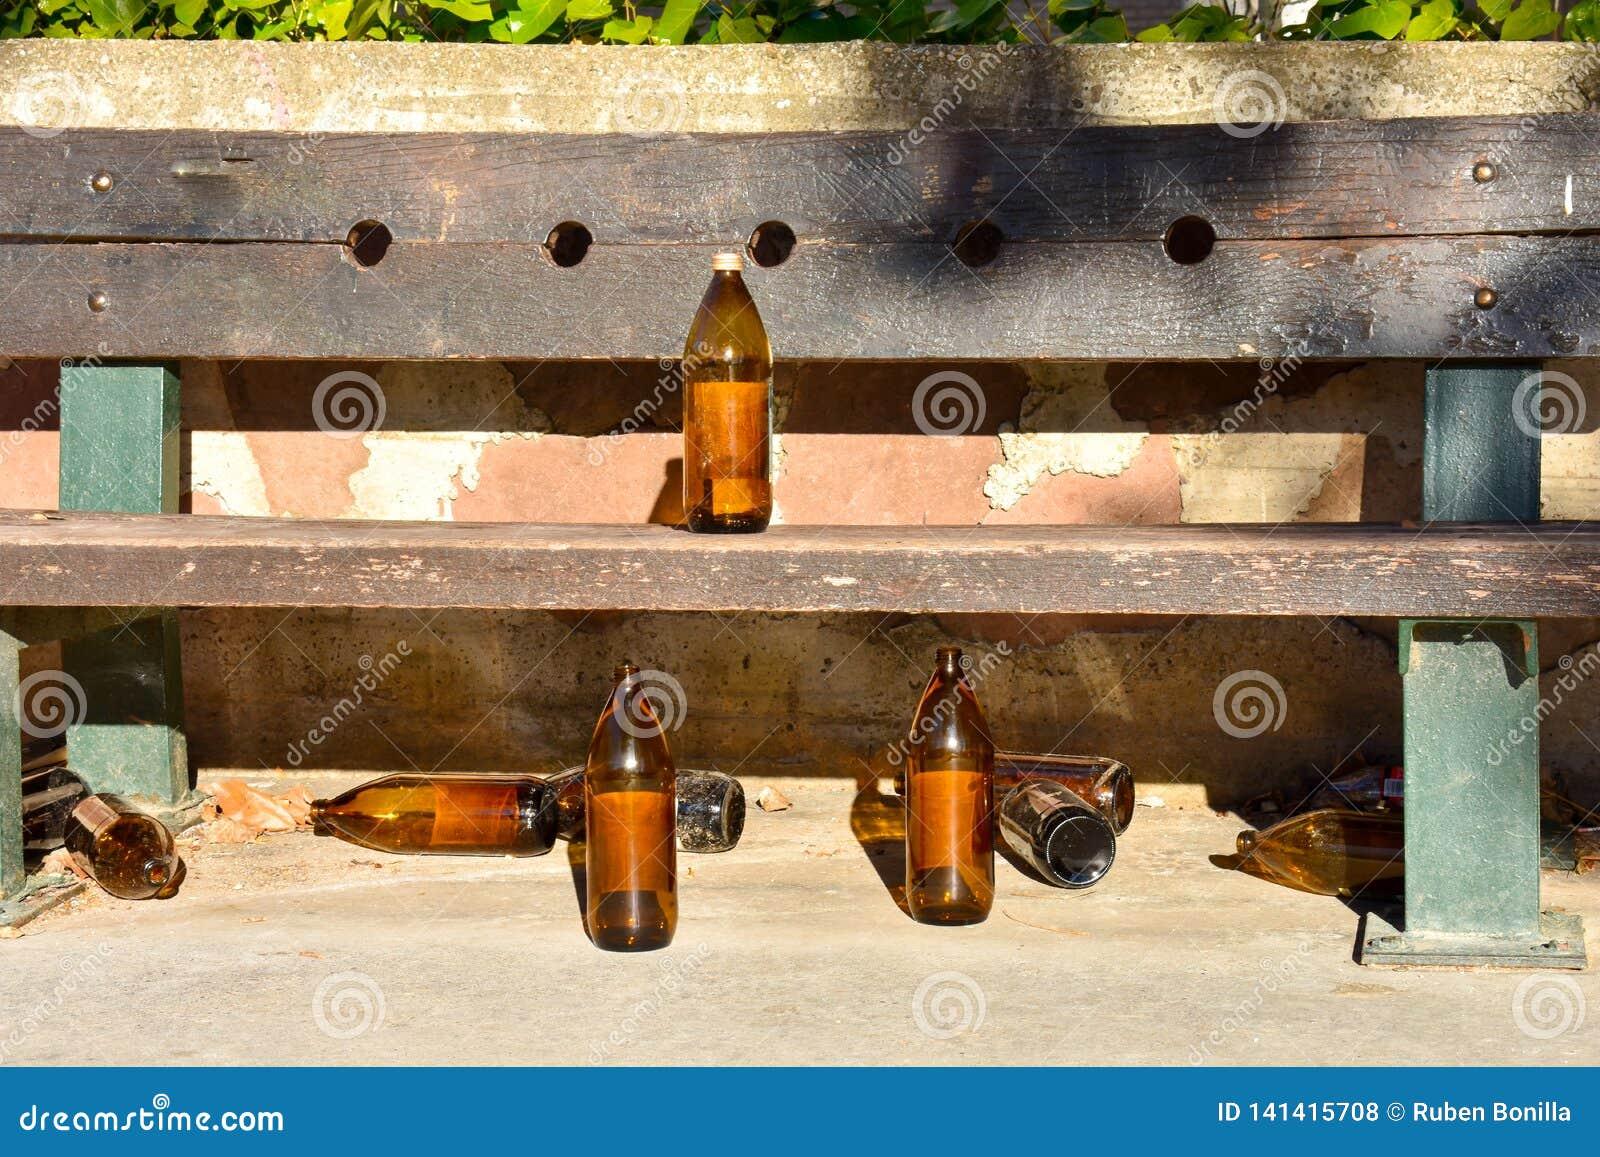 Wiele duże pomarańczowe butelki robić szkło całkowicie pusty przy parkową opłatą somebody piwo pili czas przed opuszczać one dale